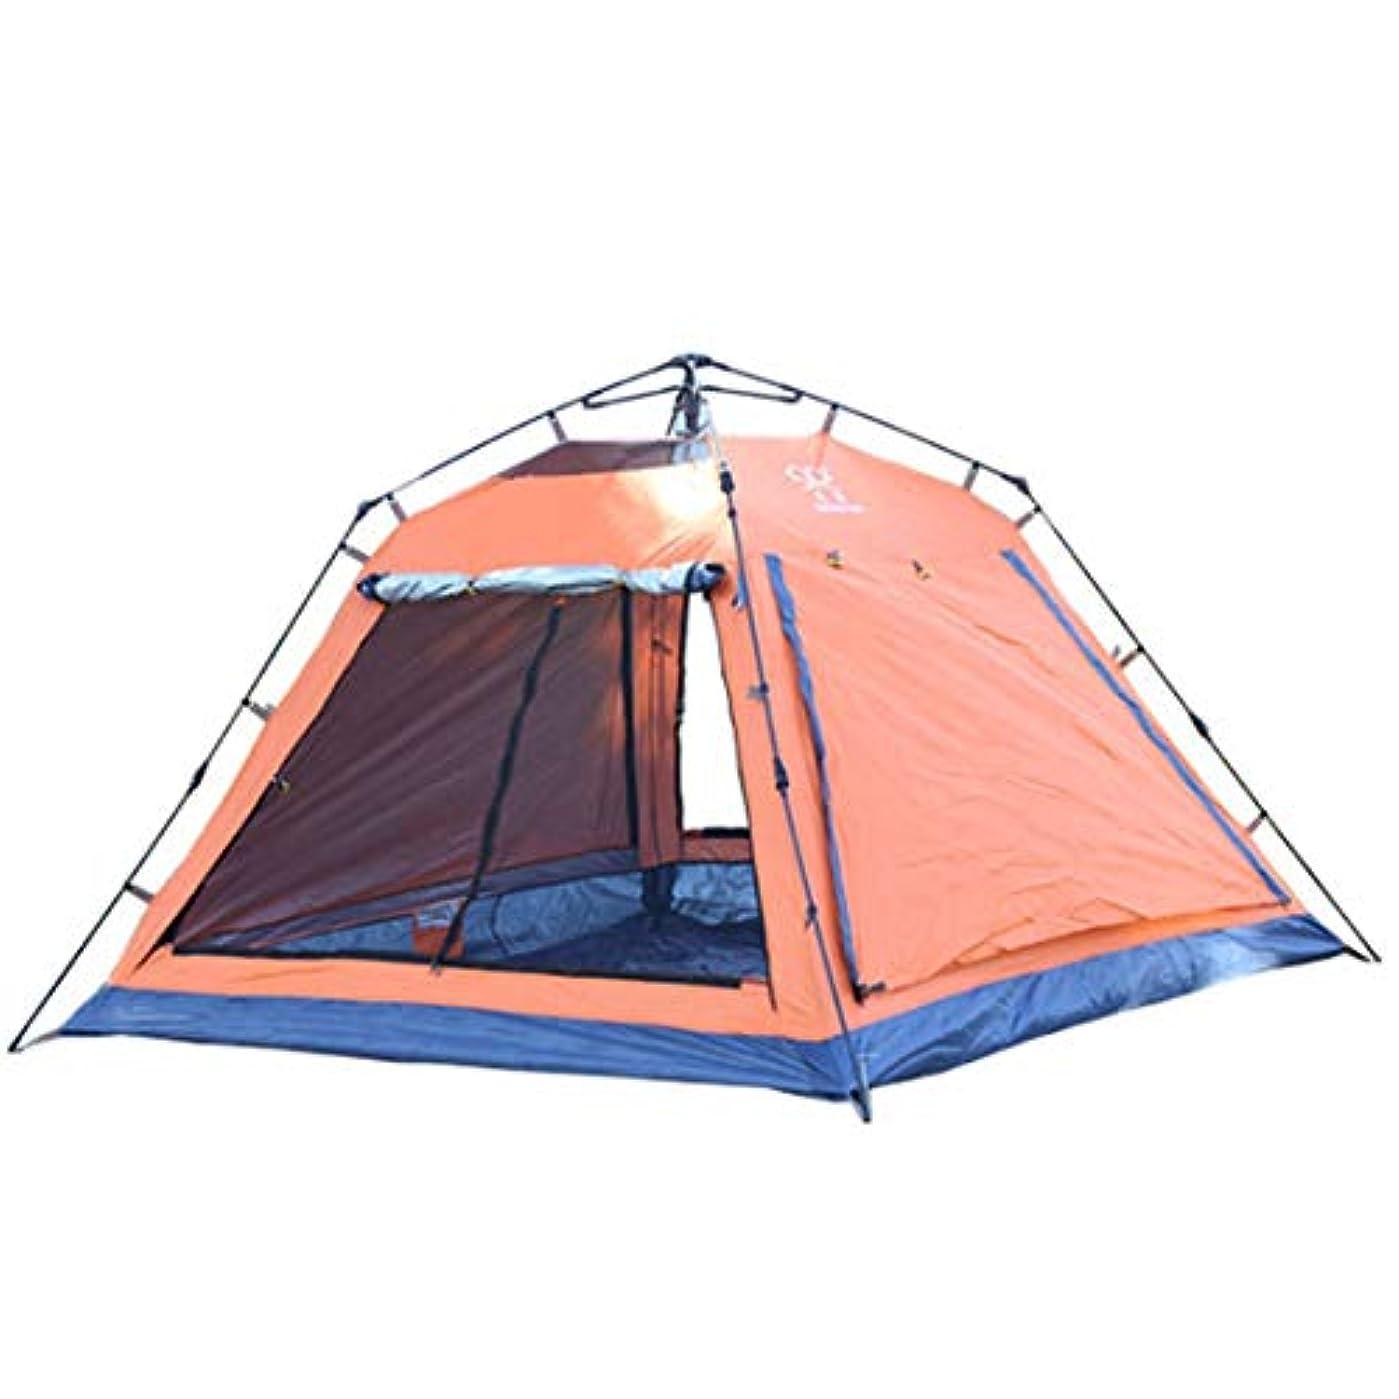 例示する飼いならす願望Bemin ポップアップテント サンシェードテント 折りたたみ テント 設営簡単 ワンタッチテント 軽量 防水 設営簡単 紫外線防止 大空間 3-4人用 ビーチ 海水浴 砂浜 耐水 収納ケース付き